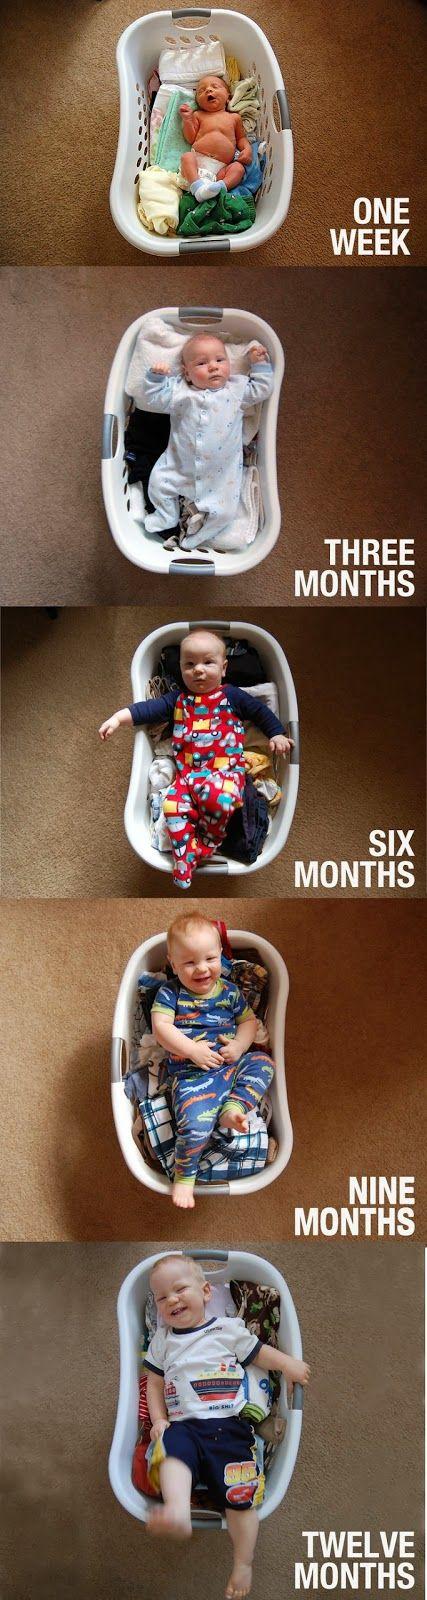 Uma coisa que eu acho super bacana é registrar as fases e o crescimento dos bebês através de imagens, de fotos criativas e divertidas que ficam para sempre e que irão nos encantar por anos e anos.  E, pensando nisso, montei o post de hoje. Nele trago sete ideias que registram direitinho a passagem